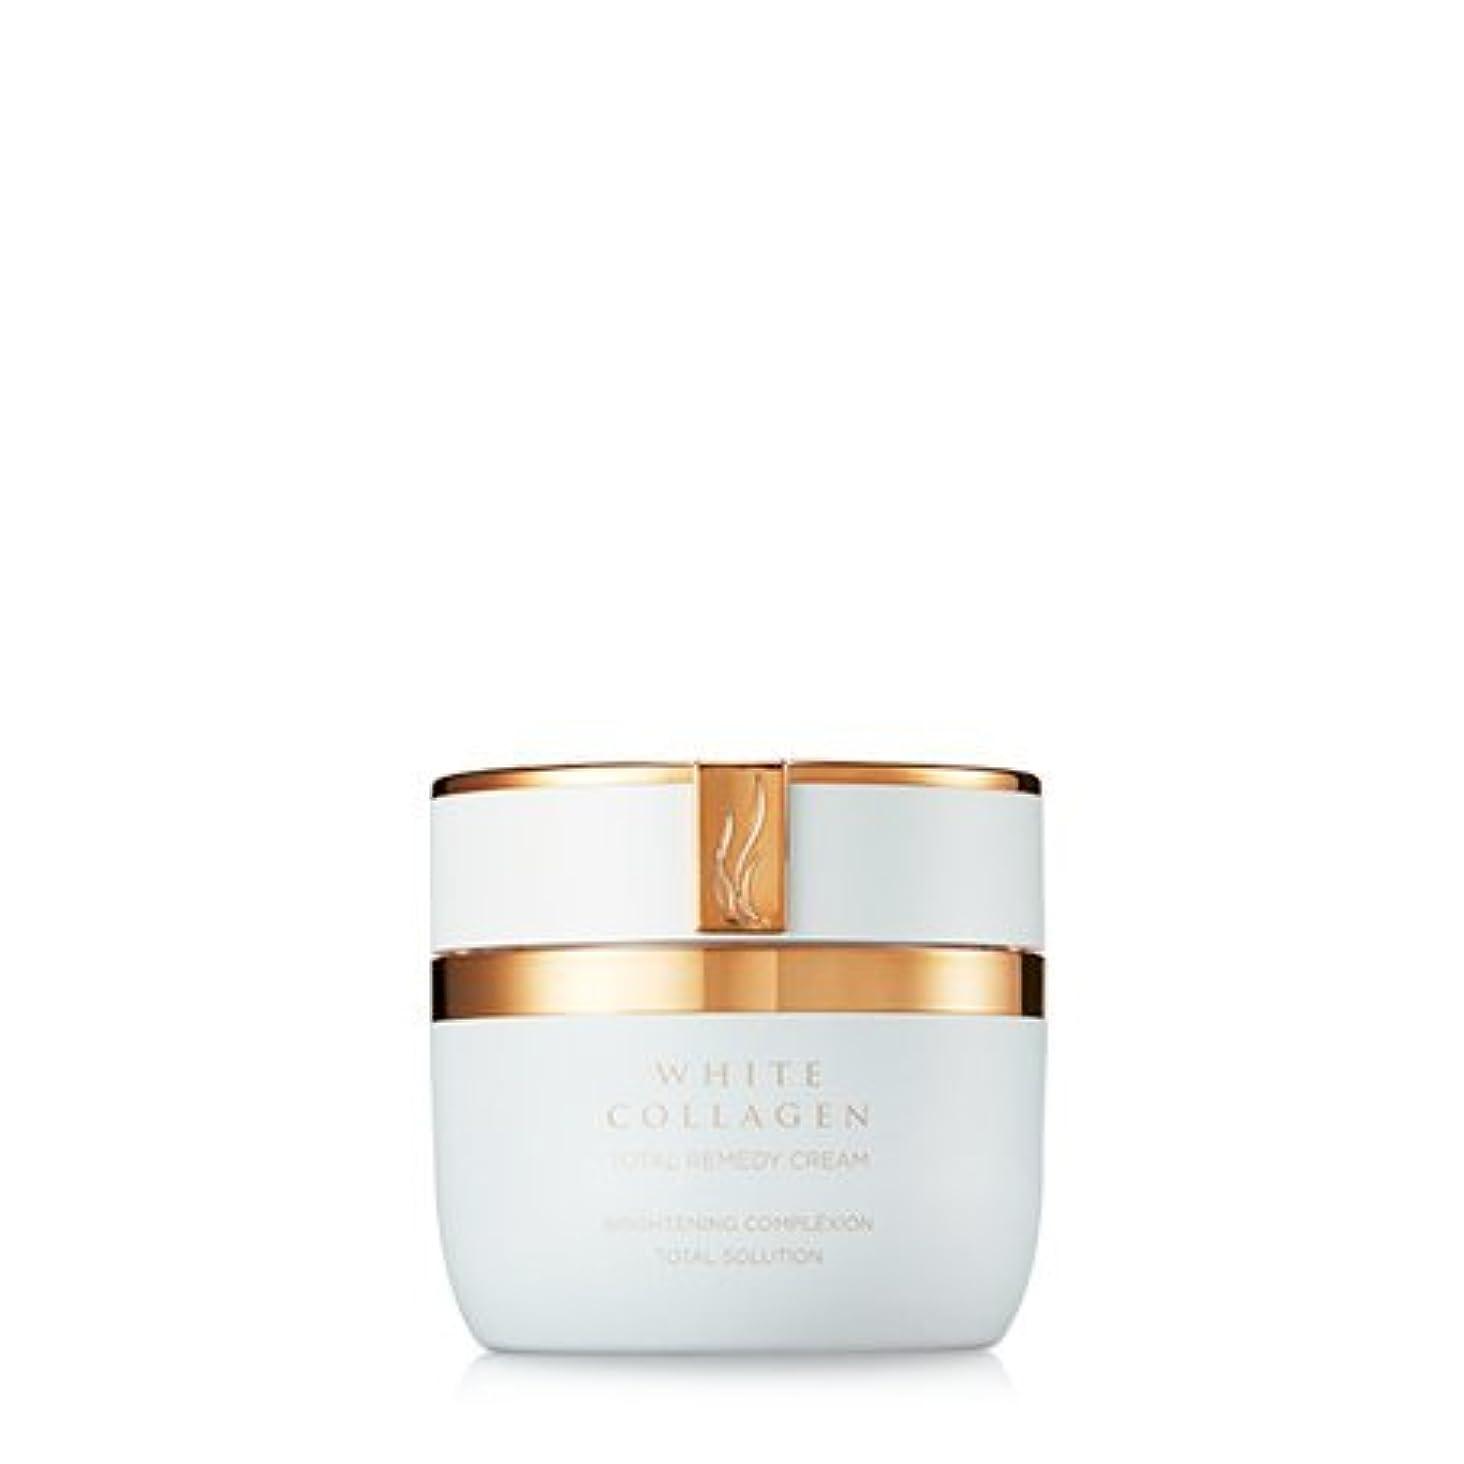 攻撃残忍な外側[New] A.H.C (AHC) White Collagen Total Remedy Cream 50g/A.H.C ホワイト コラーゲン トータル レミディ クリーム 50g [並行輸入品]